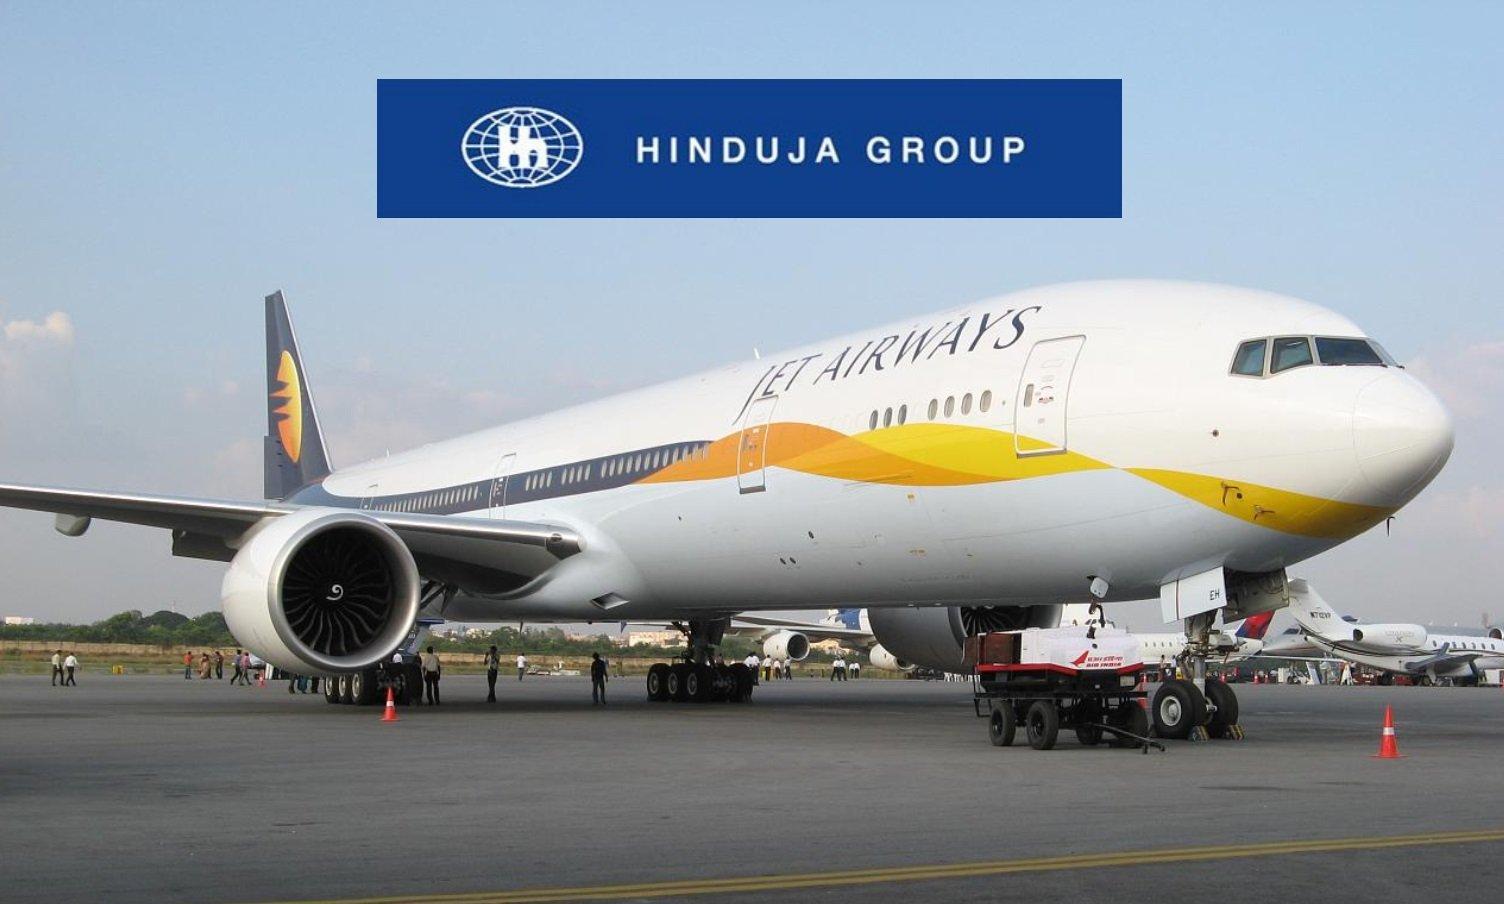 Hinduja Group Jet Airways